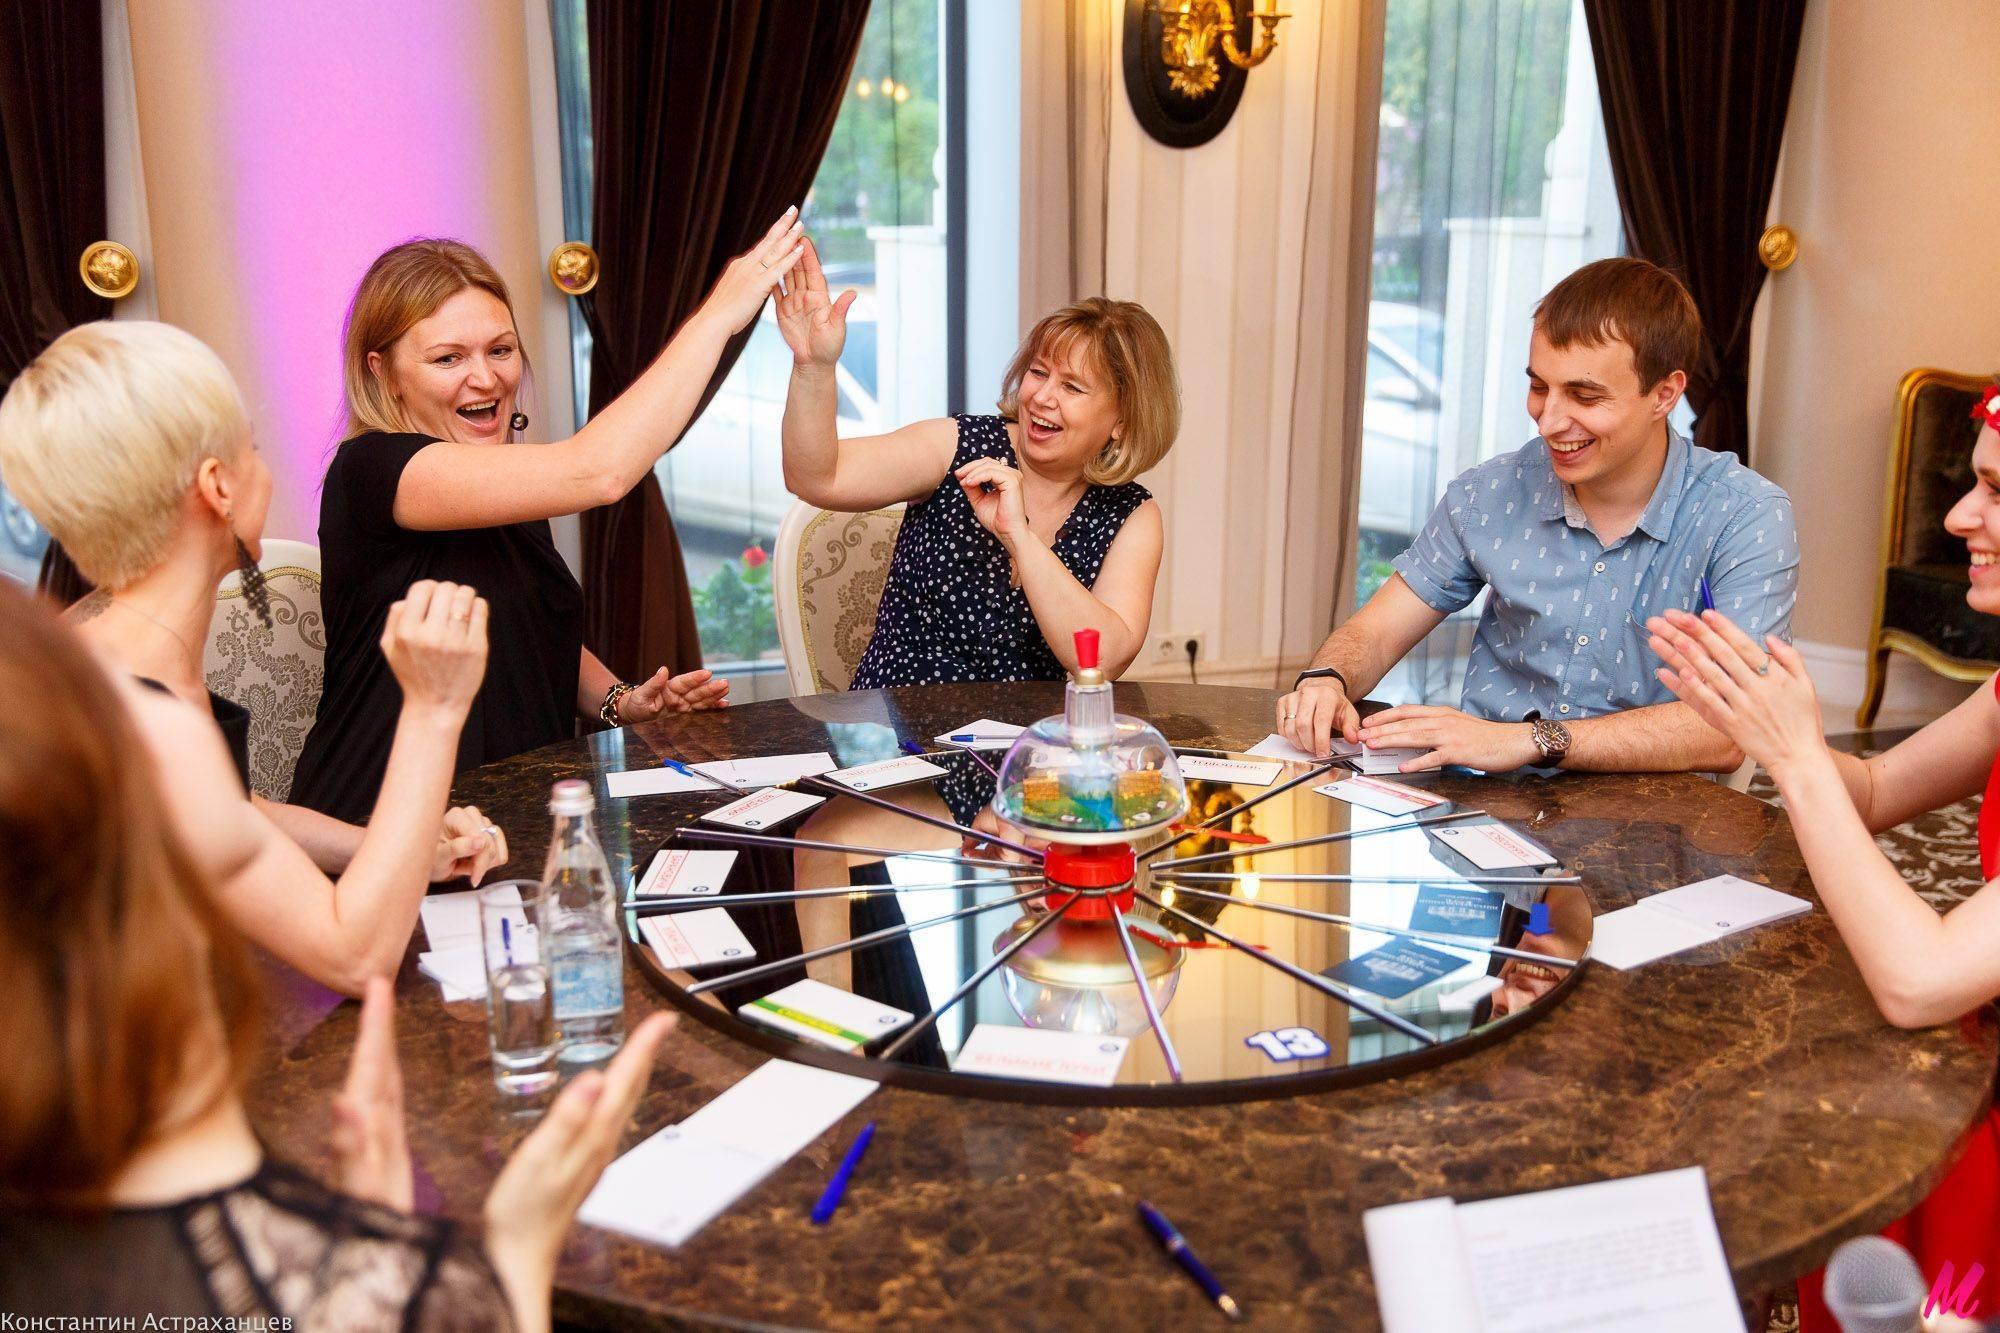 Застольные игры на знакомство гостей - волшебные ключи к успеху вечеринки